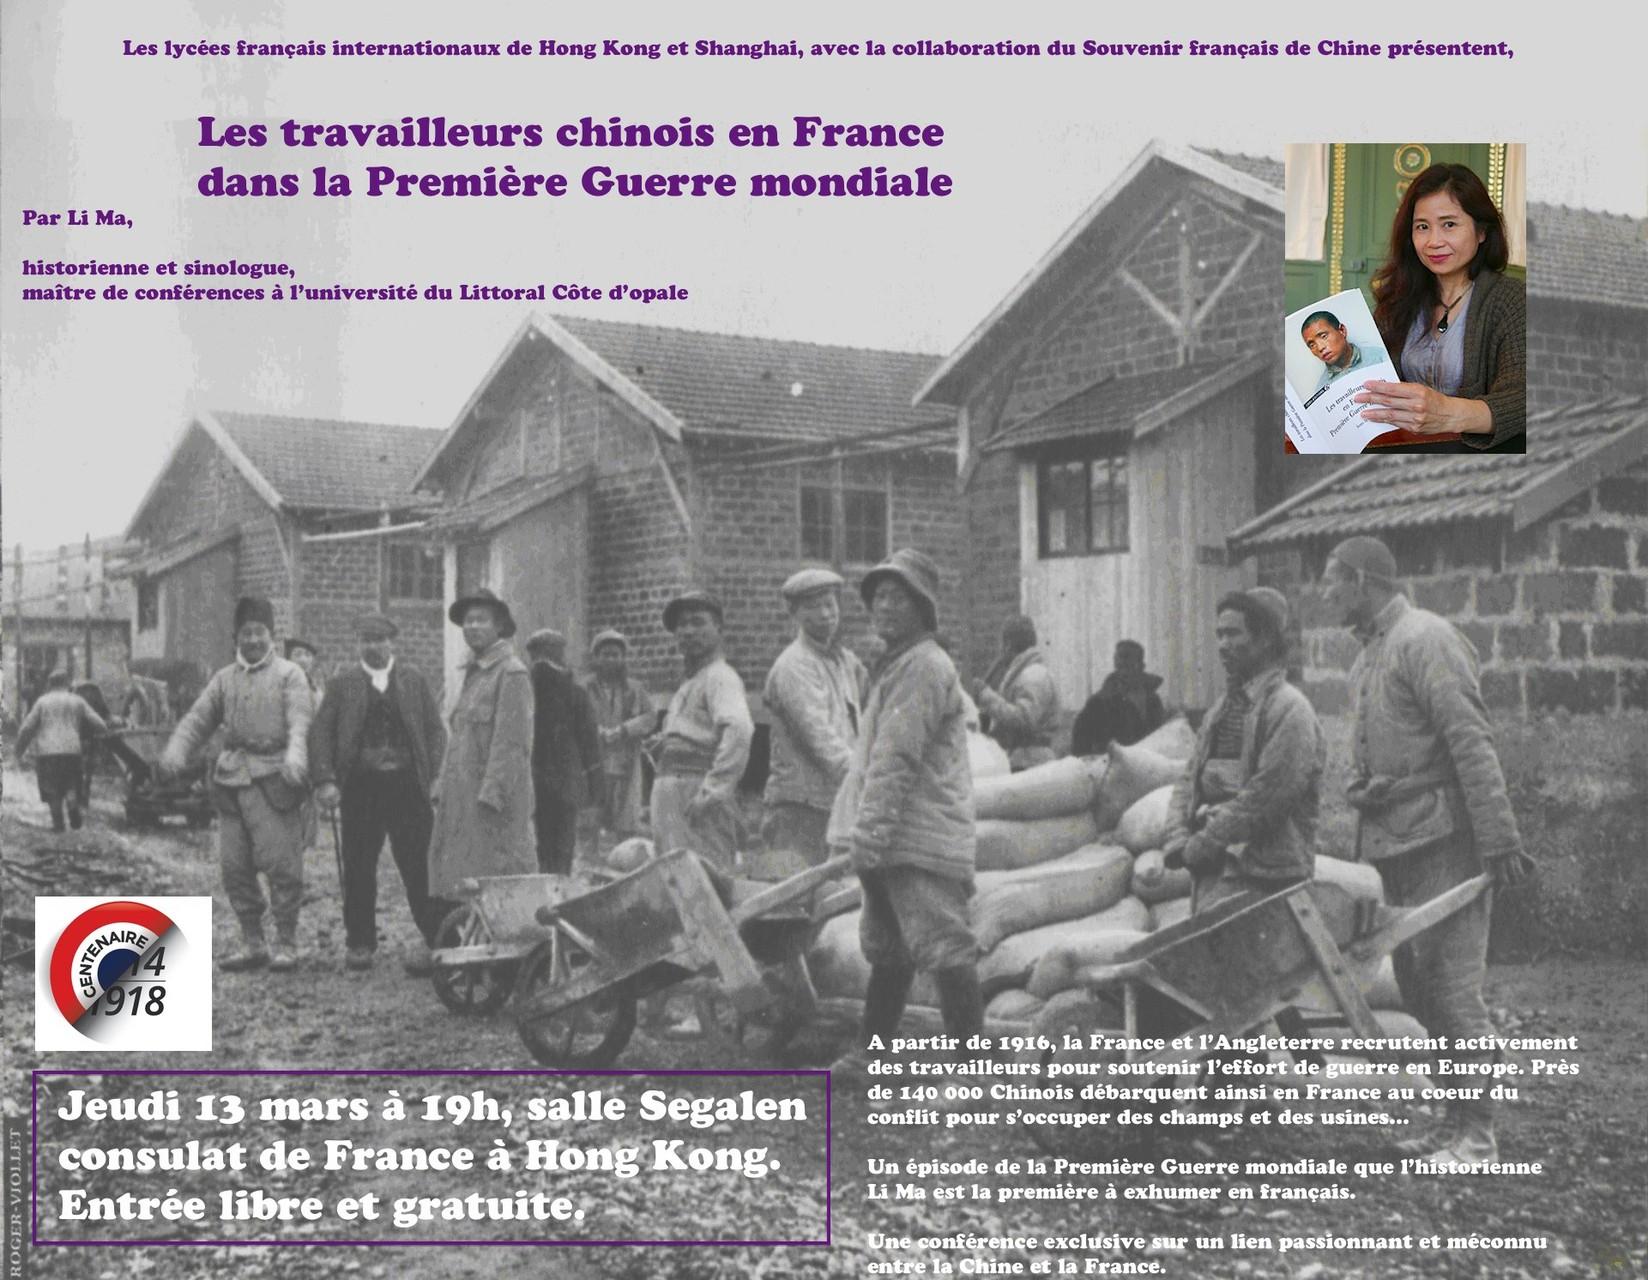 在上海和香港的法国中学也有关于一战中国劳工的论坛和活动在进行